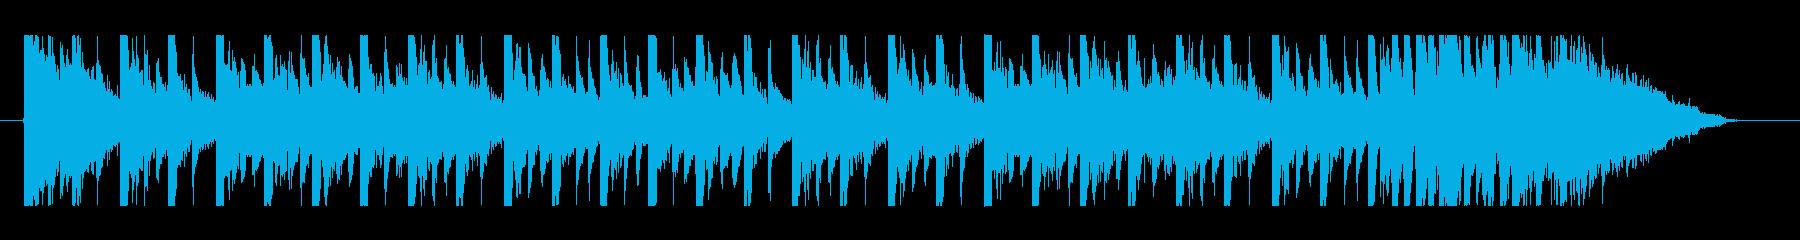 琴が入った軽快な和風ジングルですの再生済みの波形